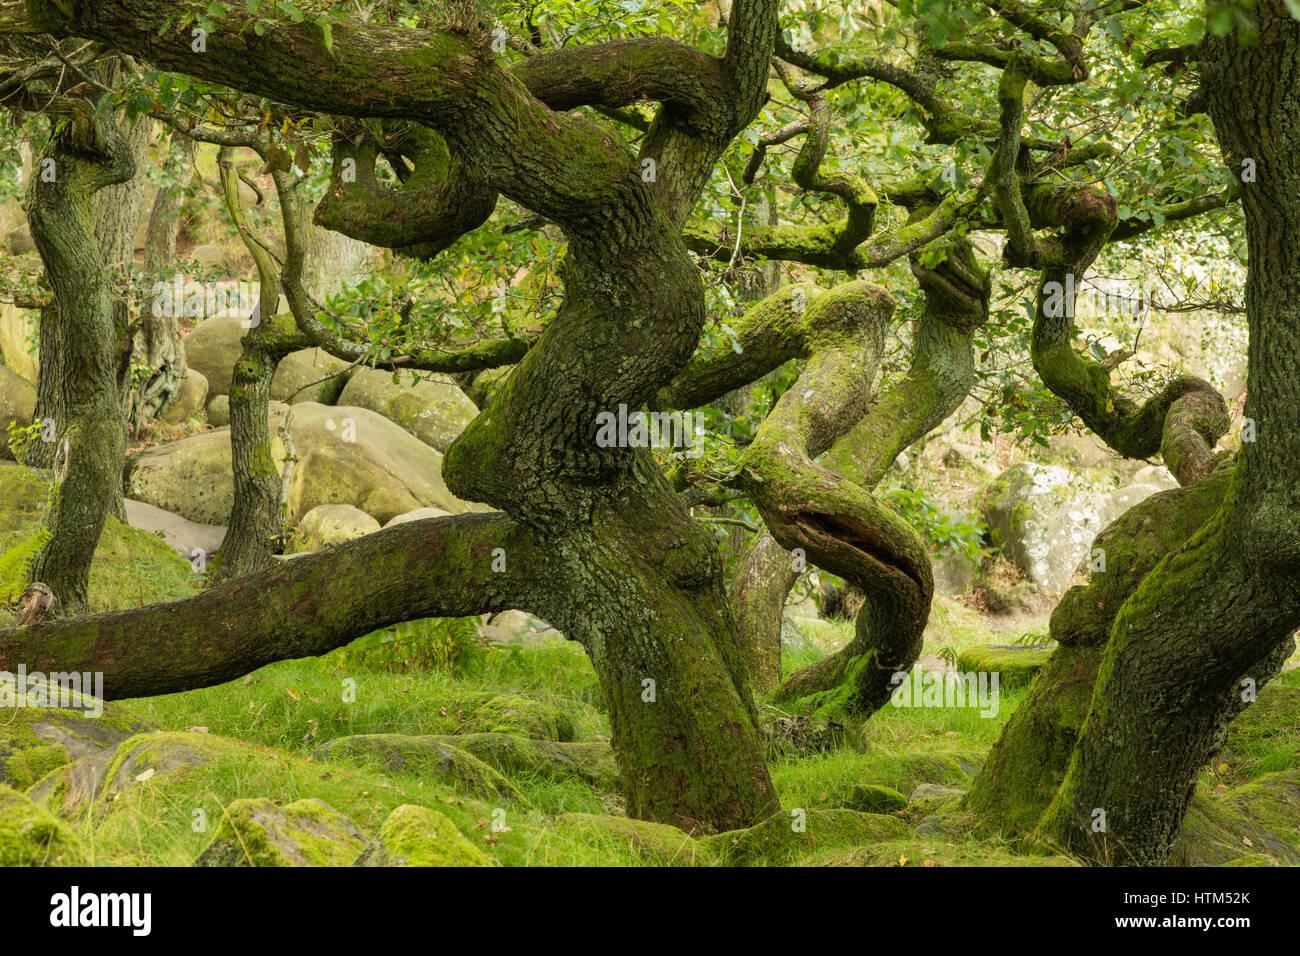 Des troncs tordus dans Padley Gorge, Derbyshire Peaks District, England, UK Banque D'Images